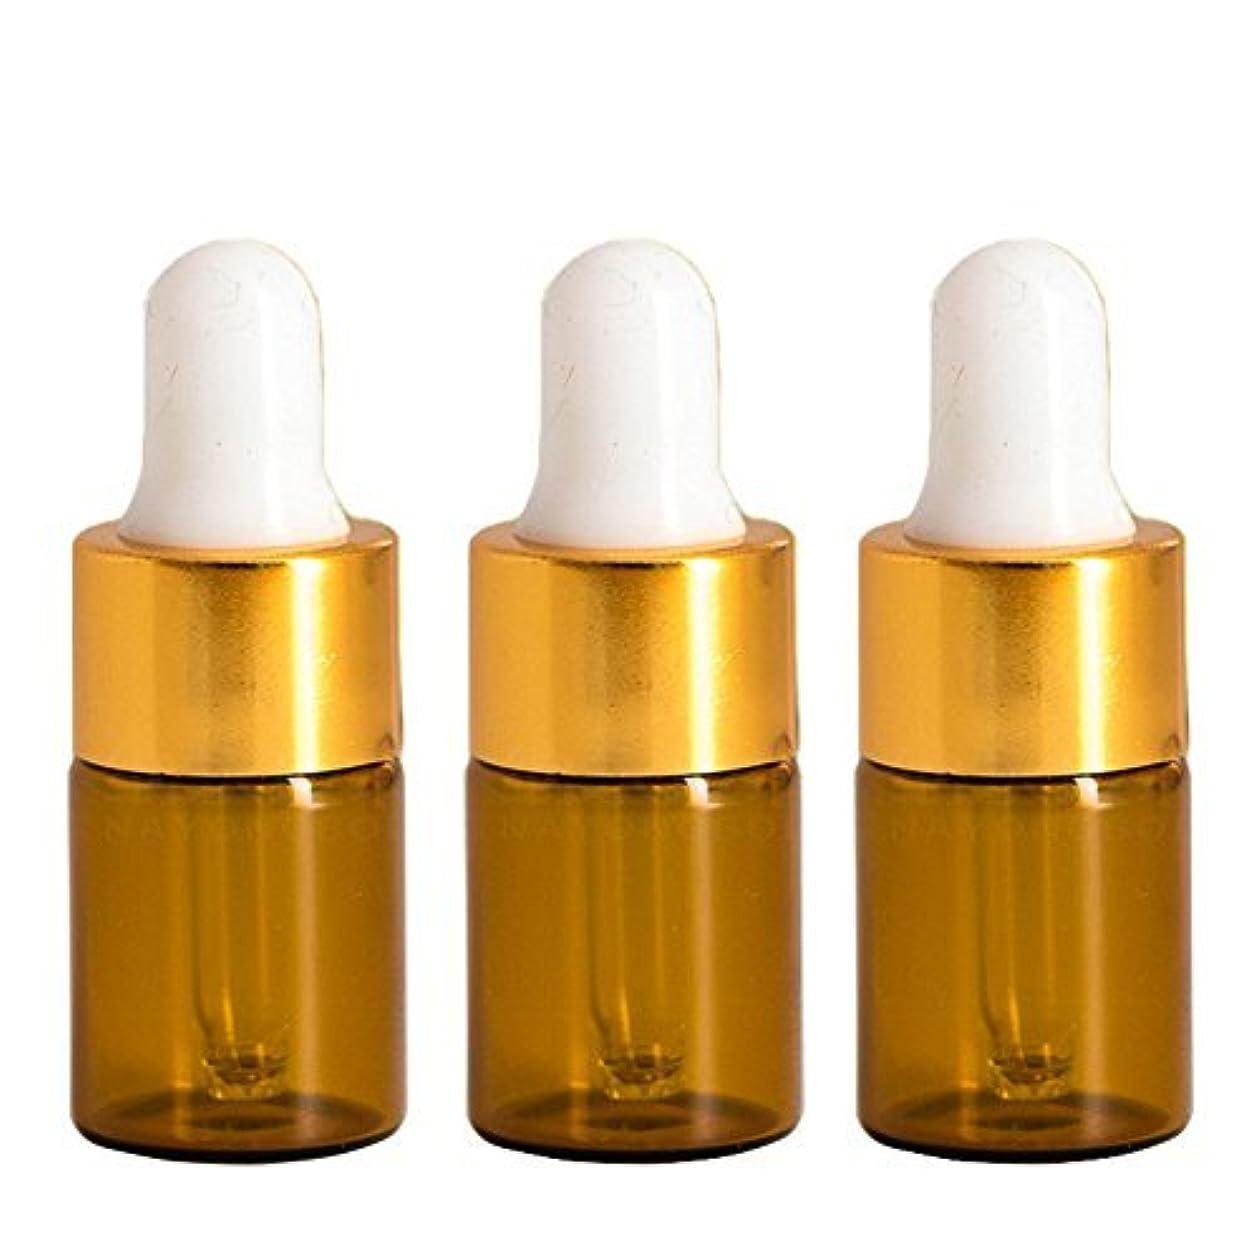 独裁者ペグ蚊Furnido 15 pieces Mini Amber Glass Bottle with White Glass Pipette Dropper Rubber &Gold caps for Small Portable...